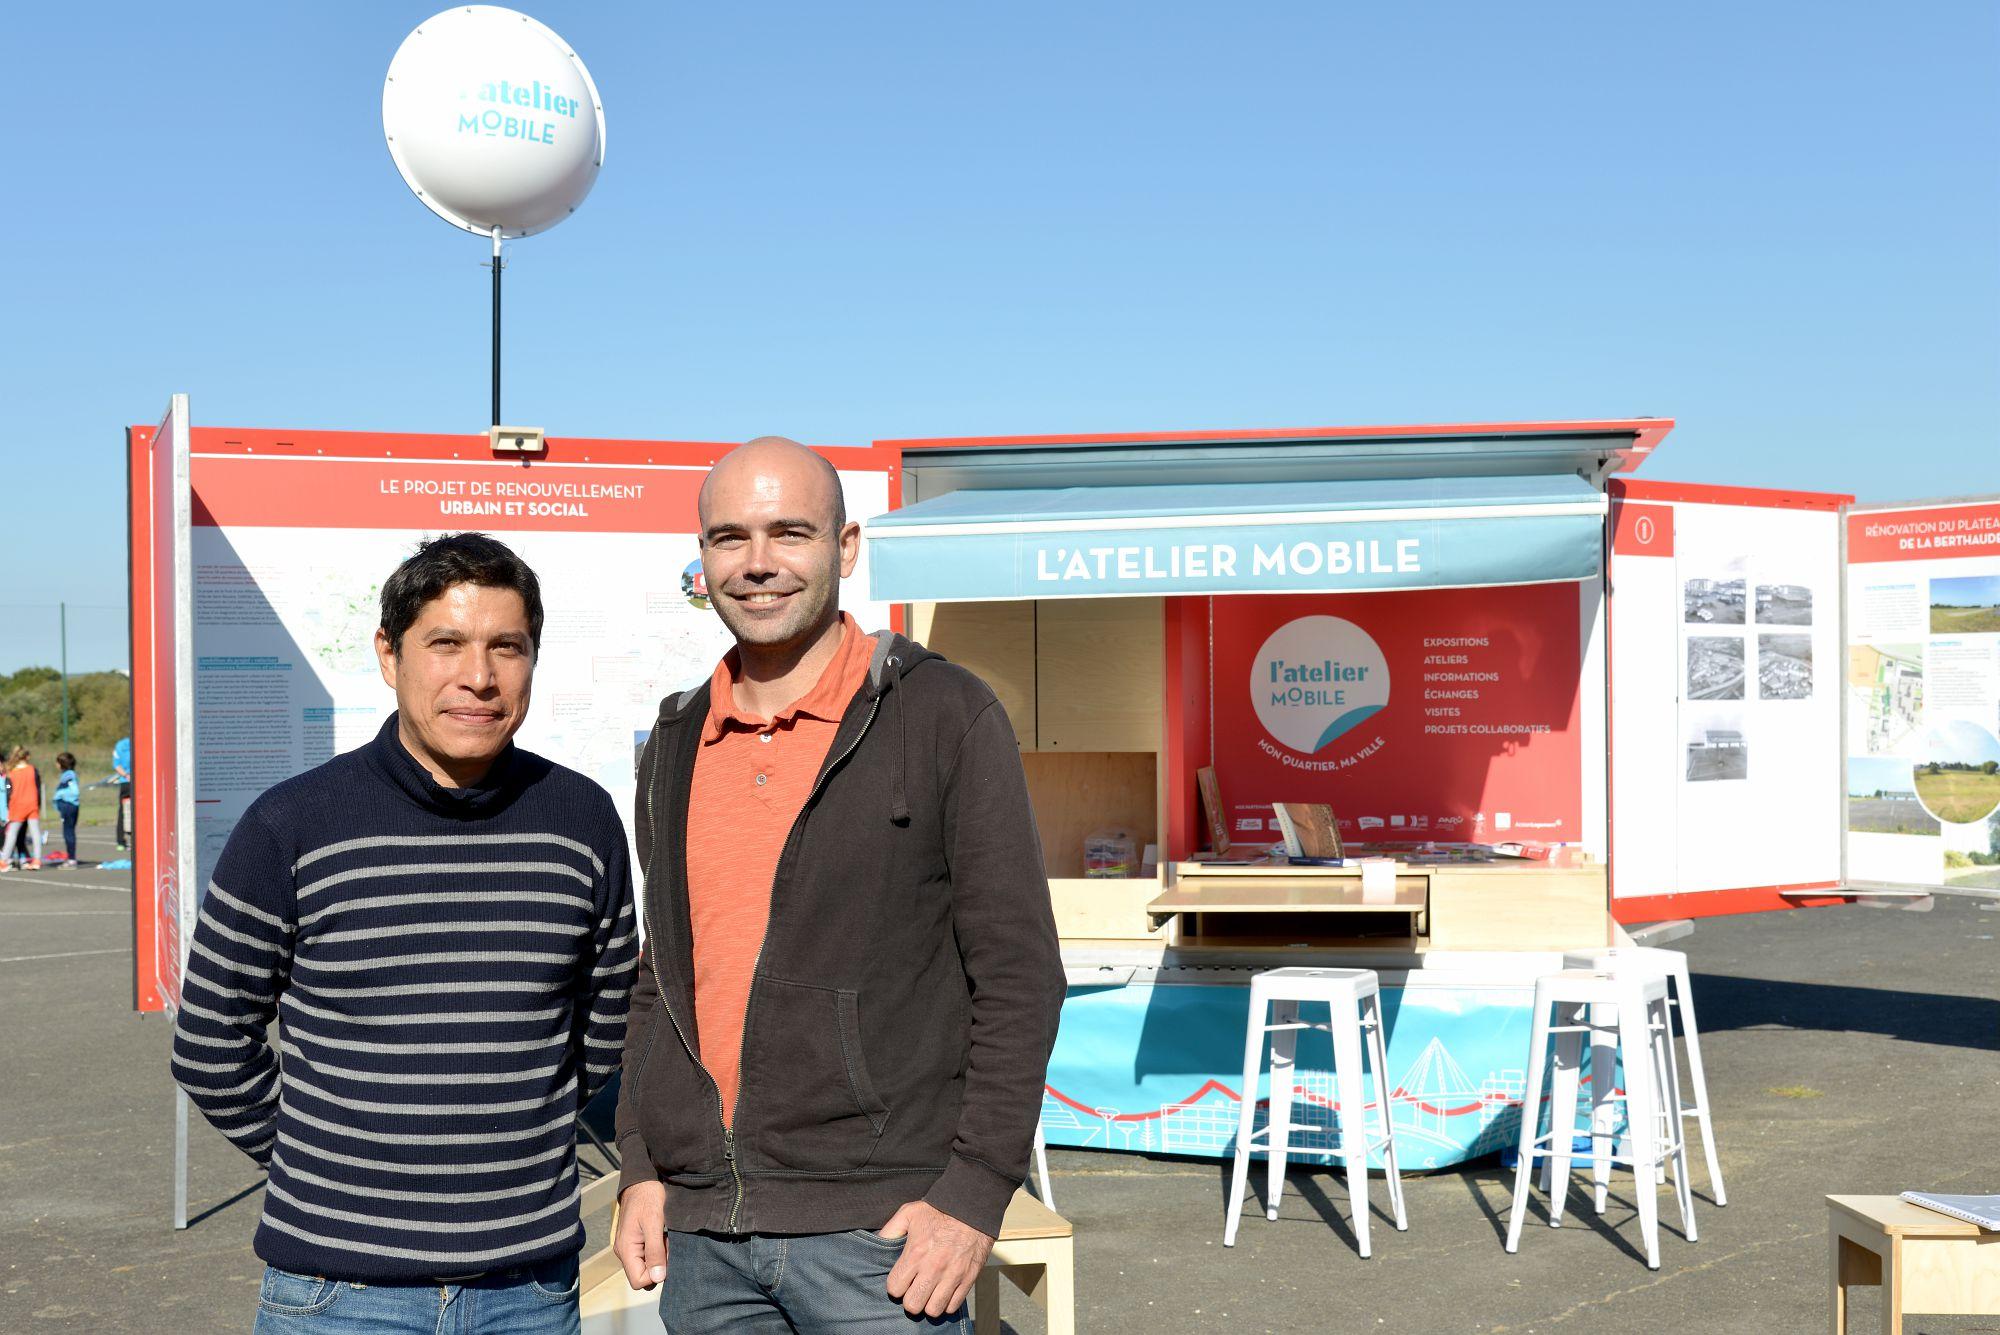 Geovanni Olivares et Romain Cabrita, médiateurs à l'atelier mobile. © Ville de Saint-Nazaire – Martin Launay.